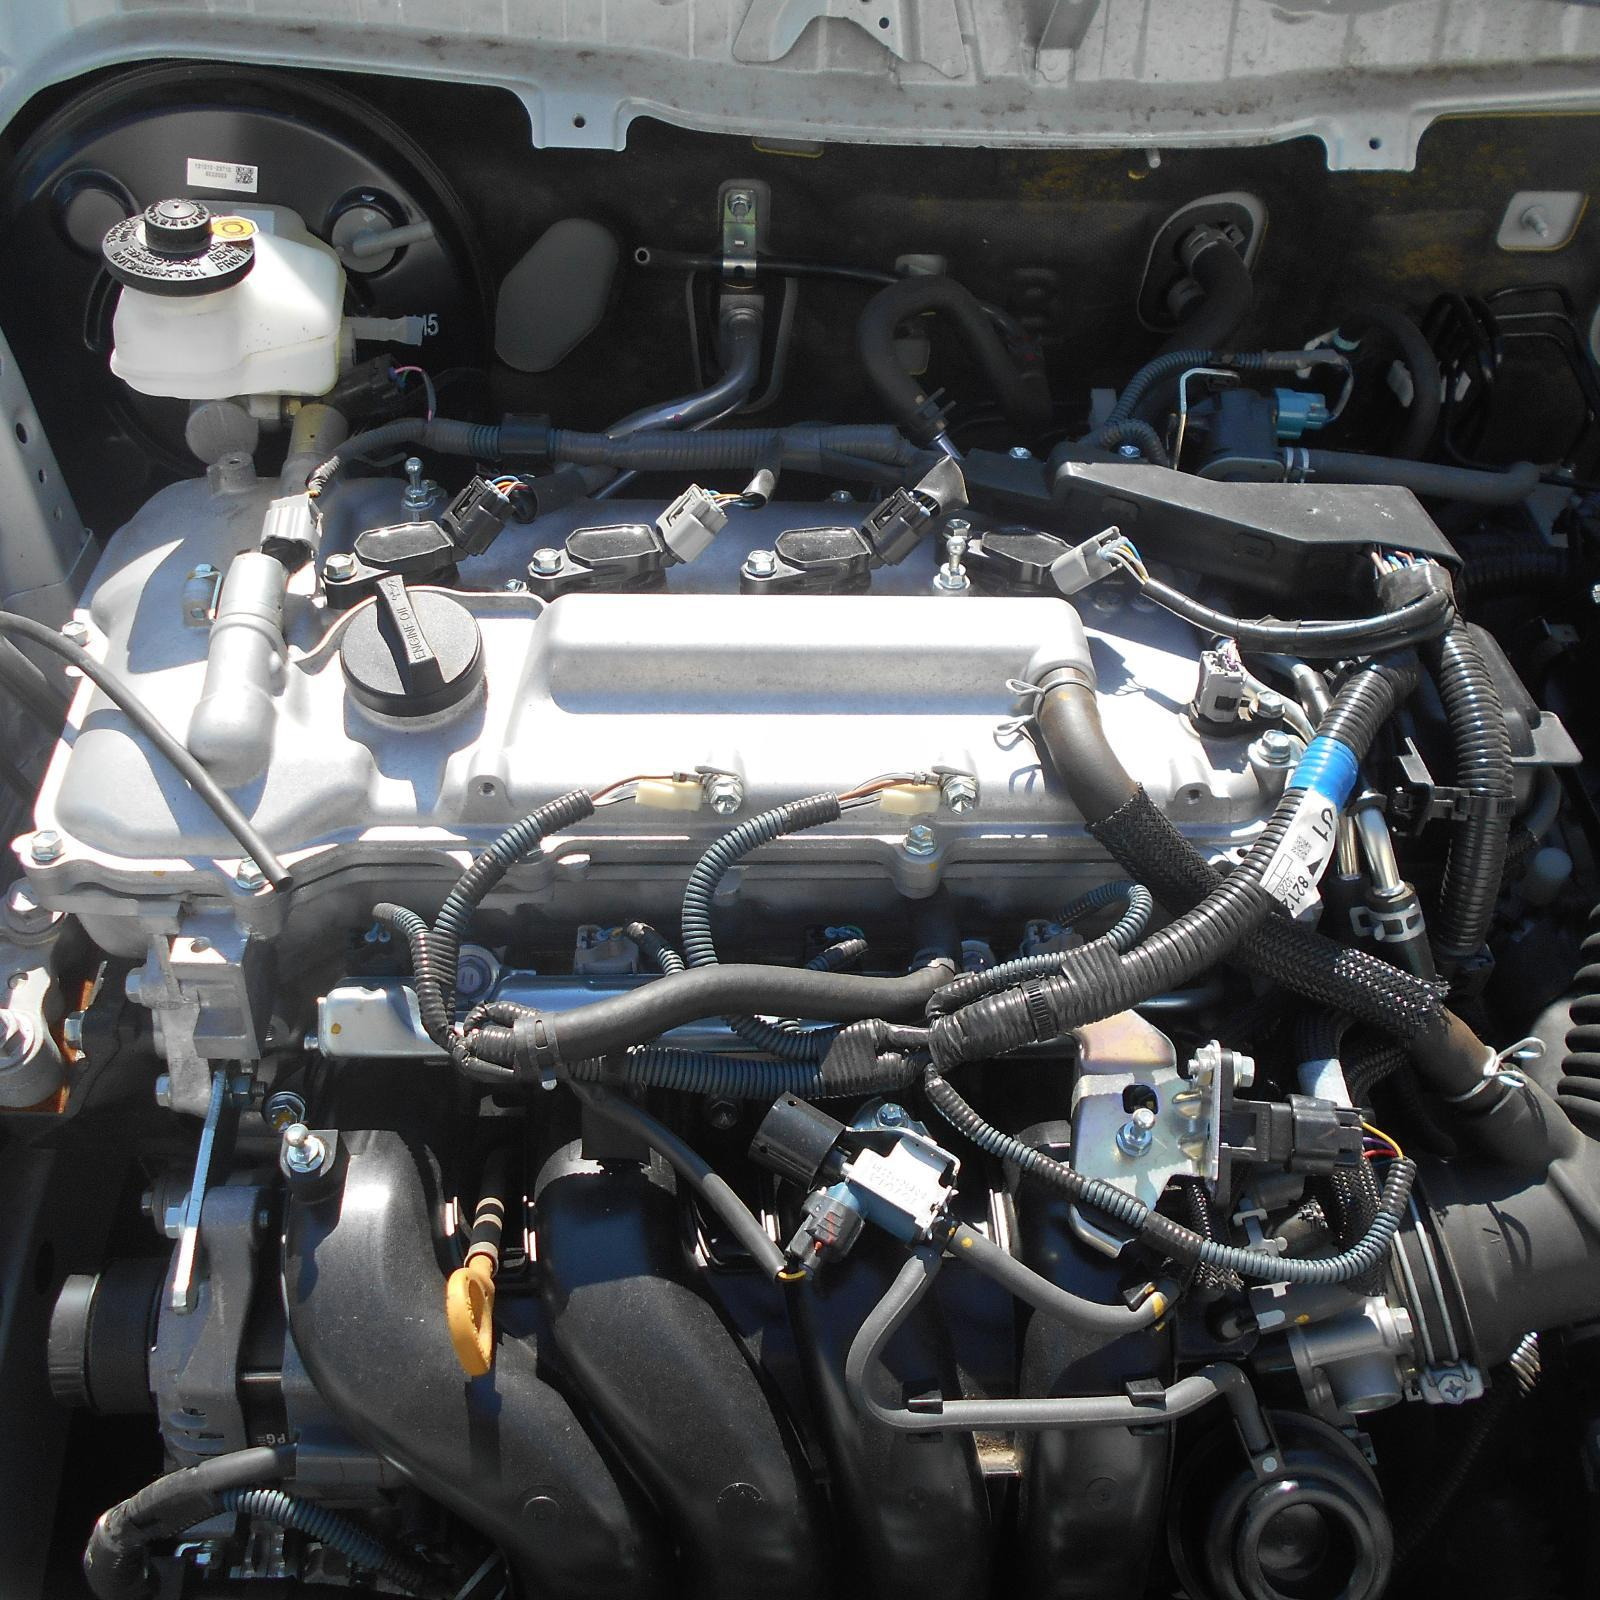 TOYOTA COROLLA, Engine, PETROL, 1.8, 2ZR-FE, ZRE172/182R, 10/12-03/15